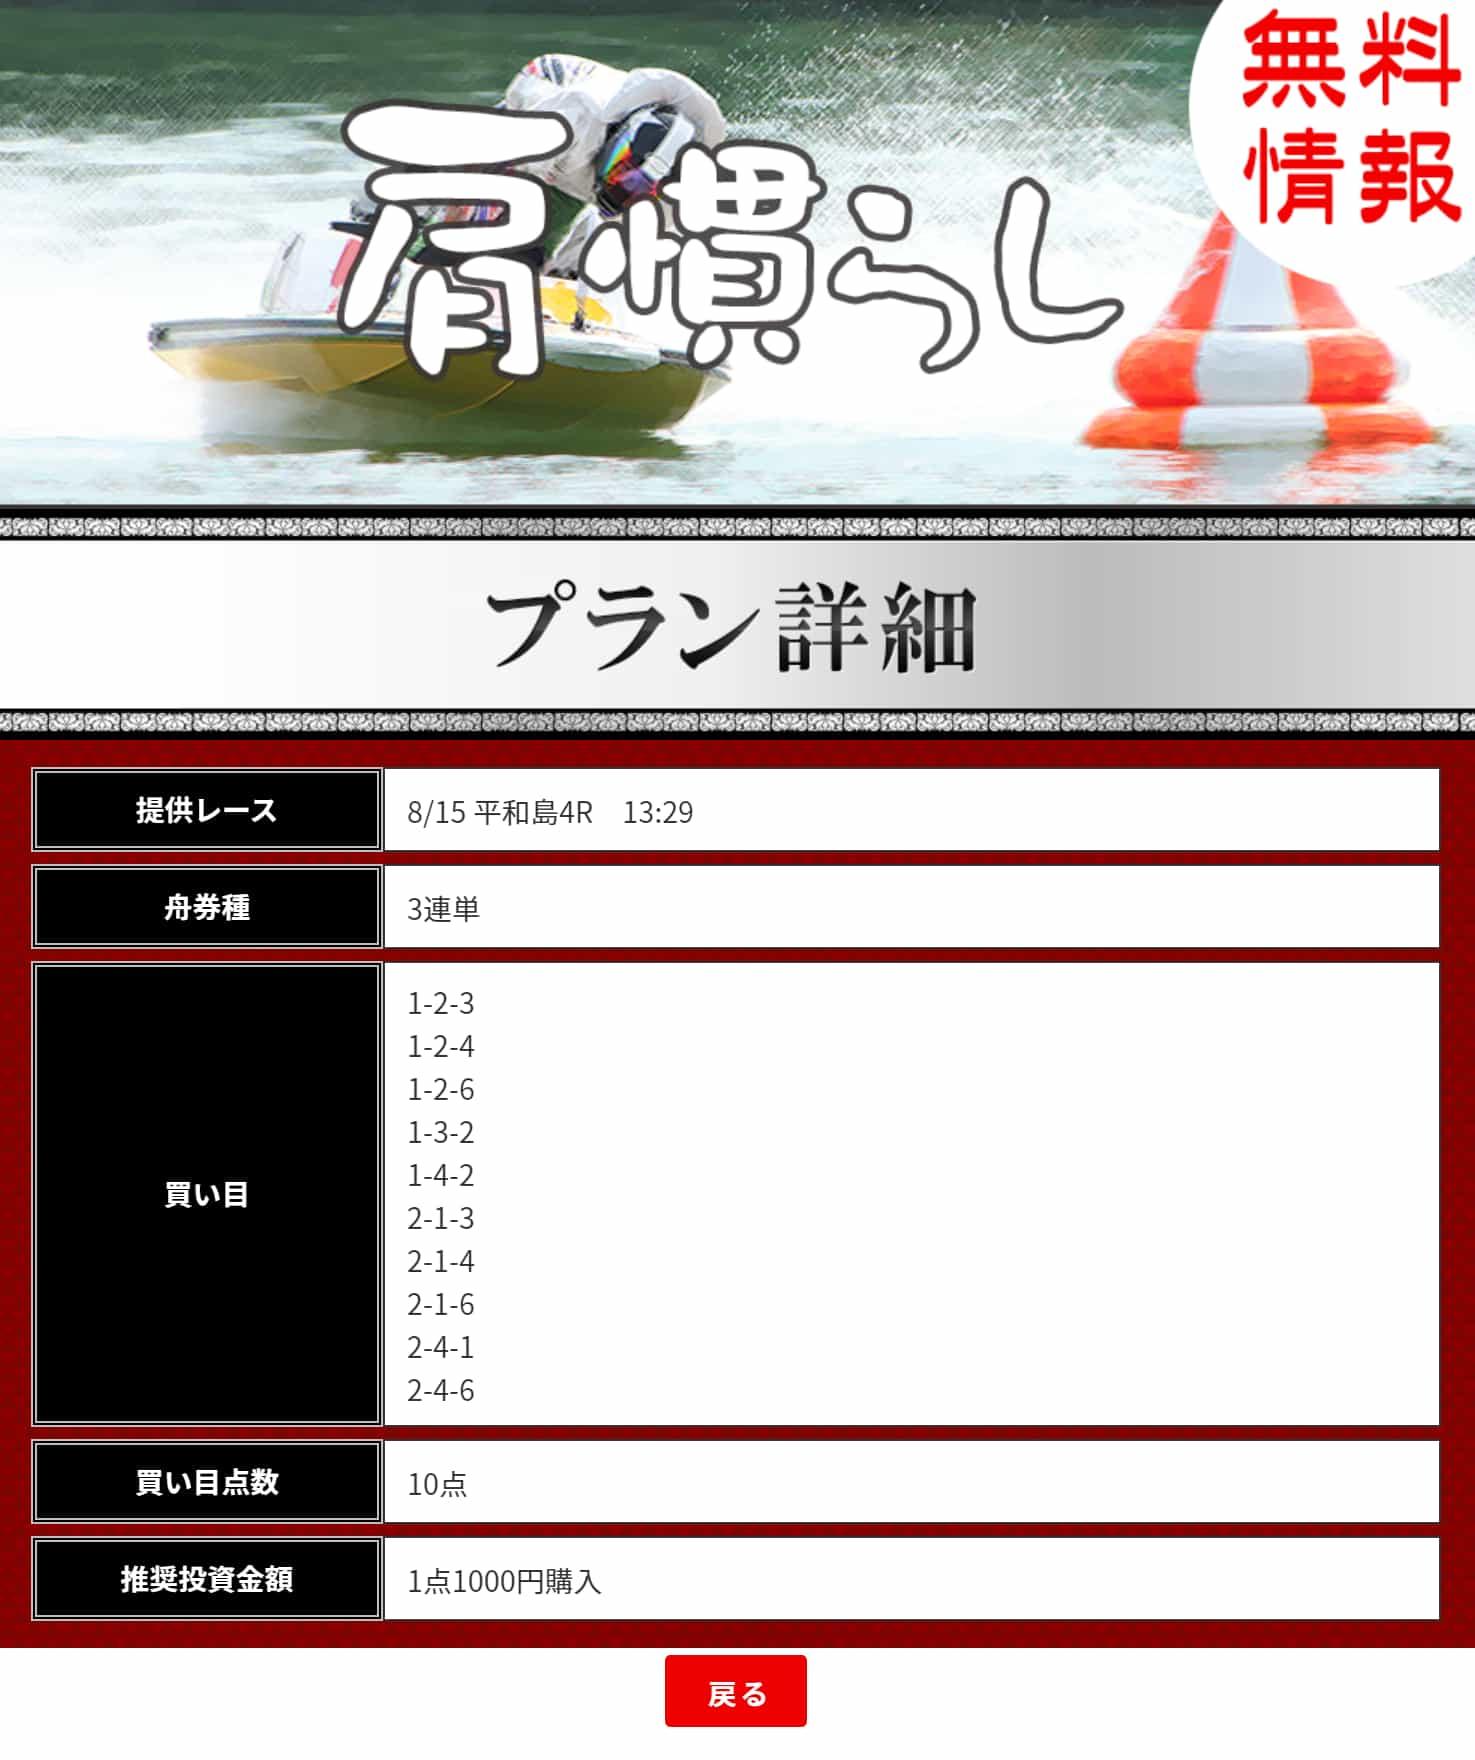 優良 船の時代 口コミ検証や無料情報の予想結果も公開中 8/15 平和島4Rの買い目